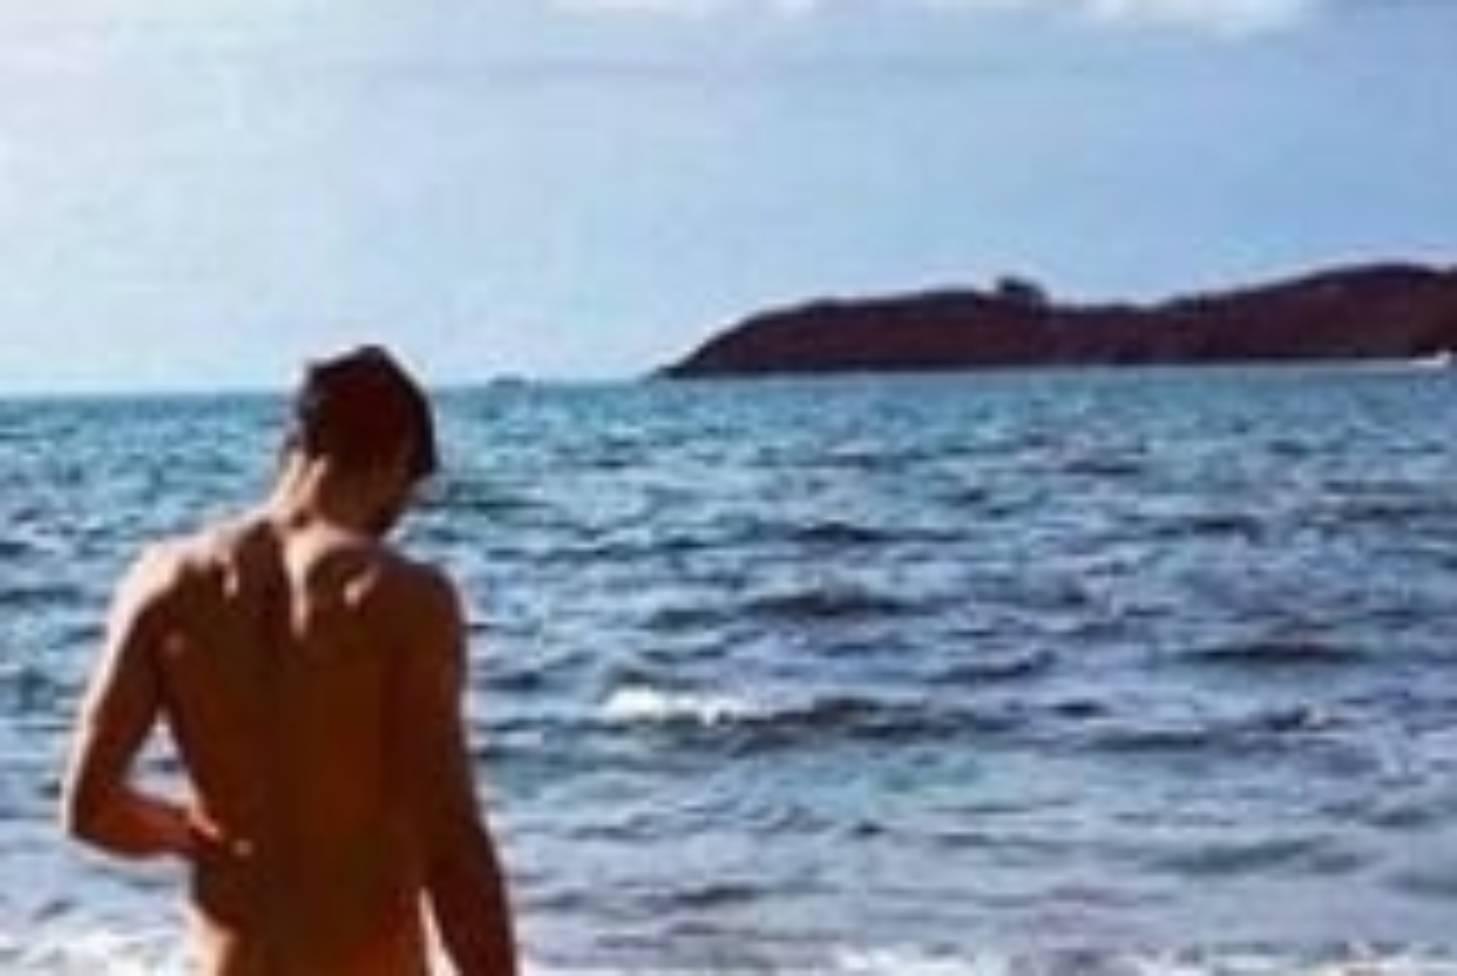 Private nudist pics